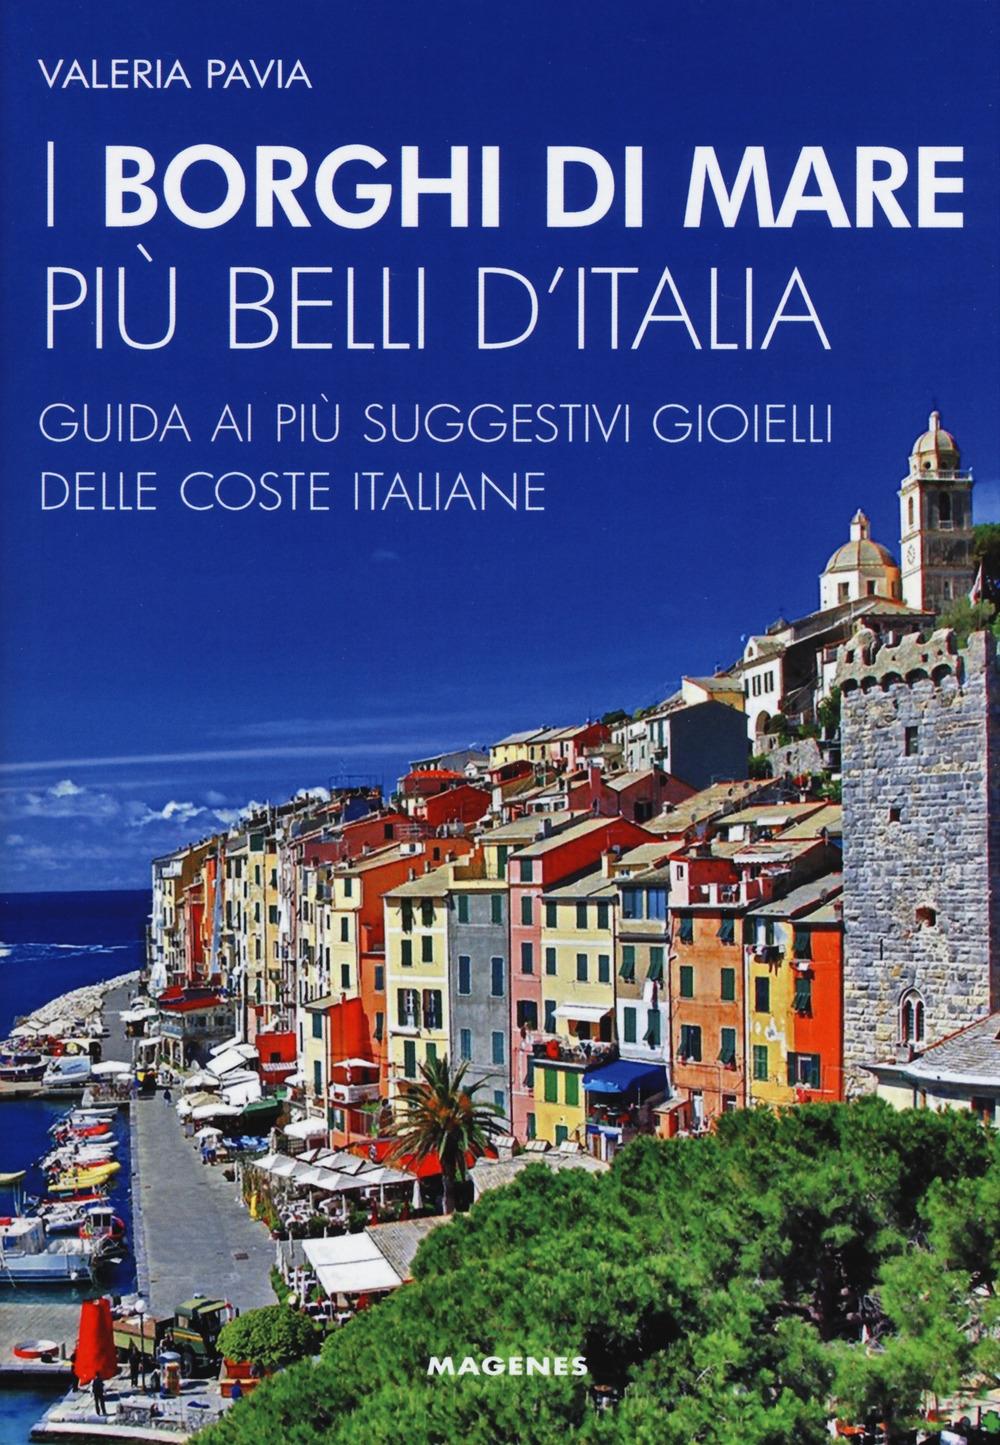 I borghi di mare più belli d'Italia. Guida ai più suggestivi gioielli delle coste italiane